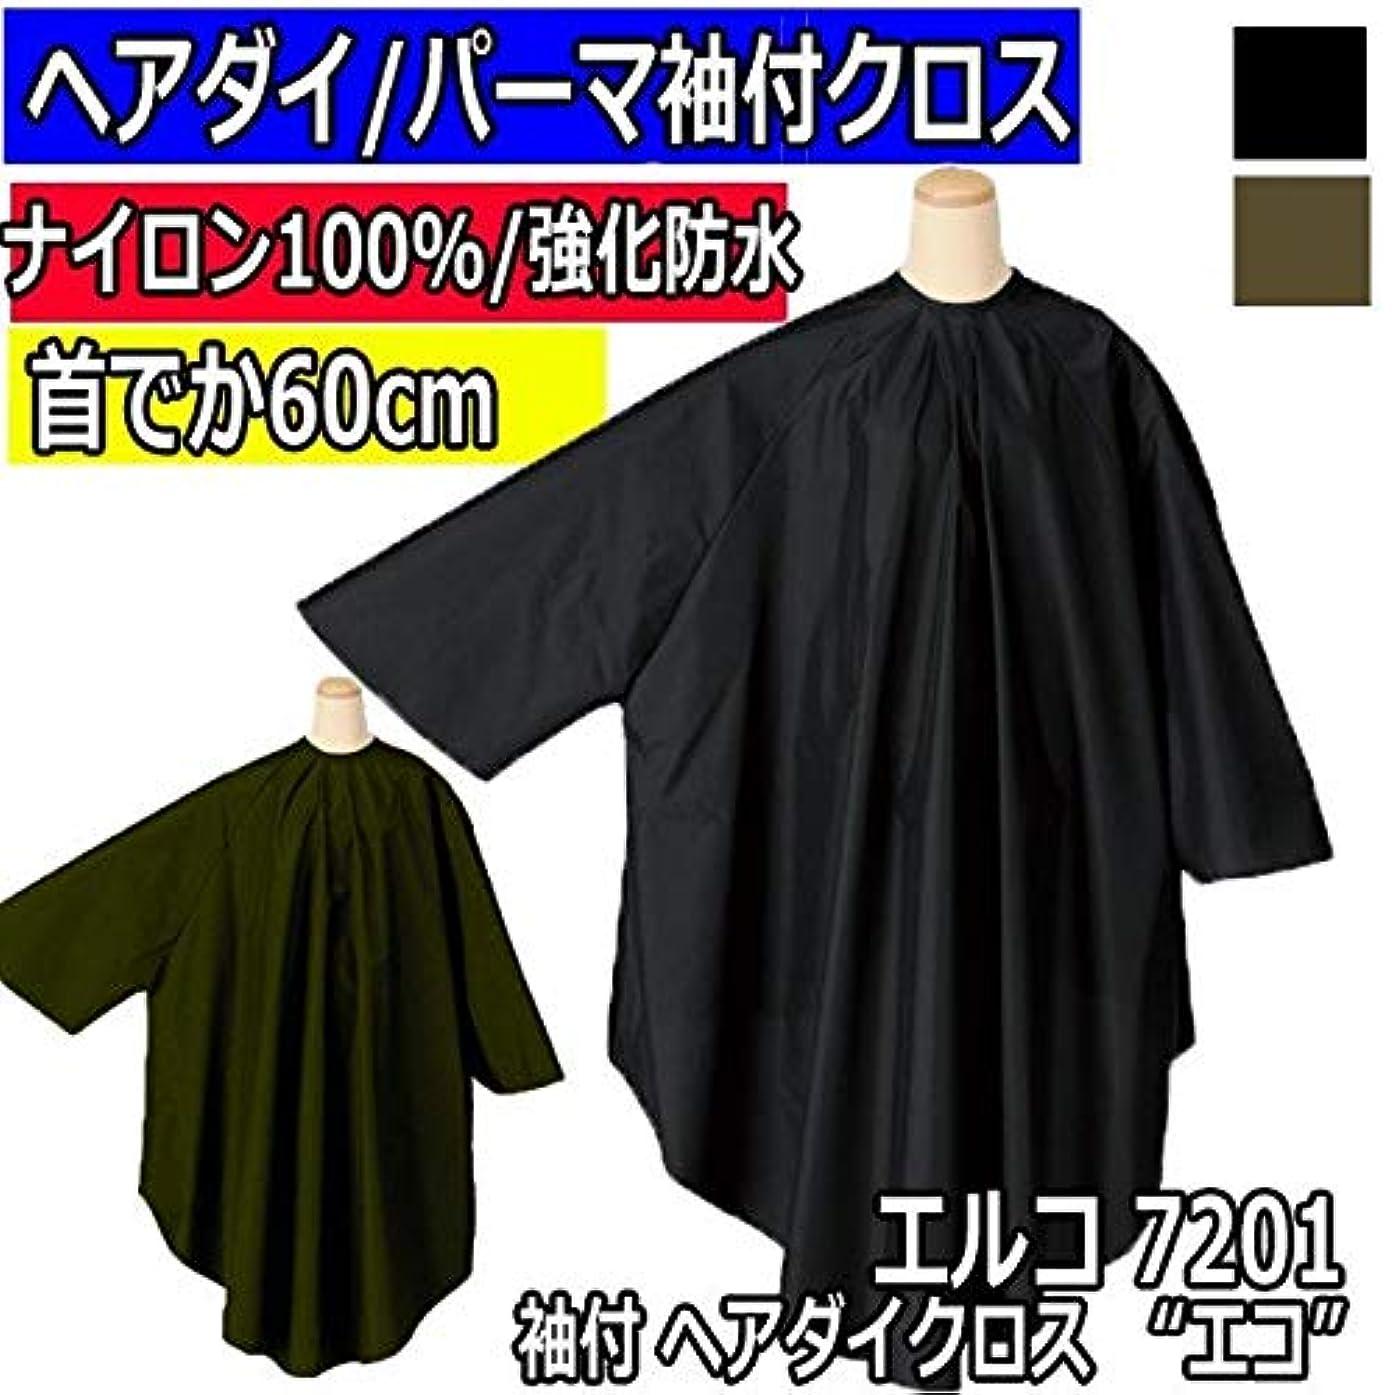 すき卒業記念アルバム懲らしめ防水加工 7201 袖付 ヘアダイクロス エコ 黒 60